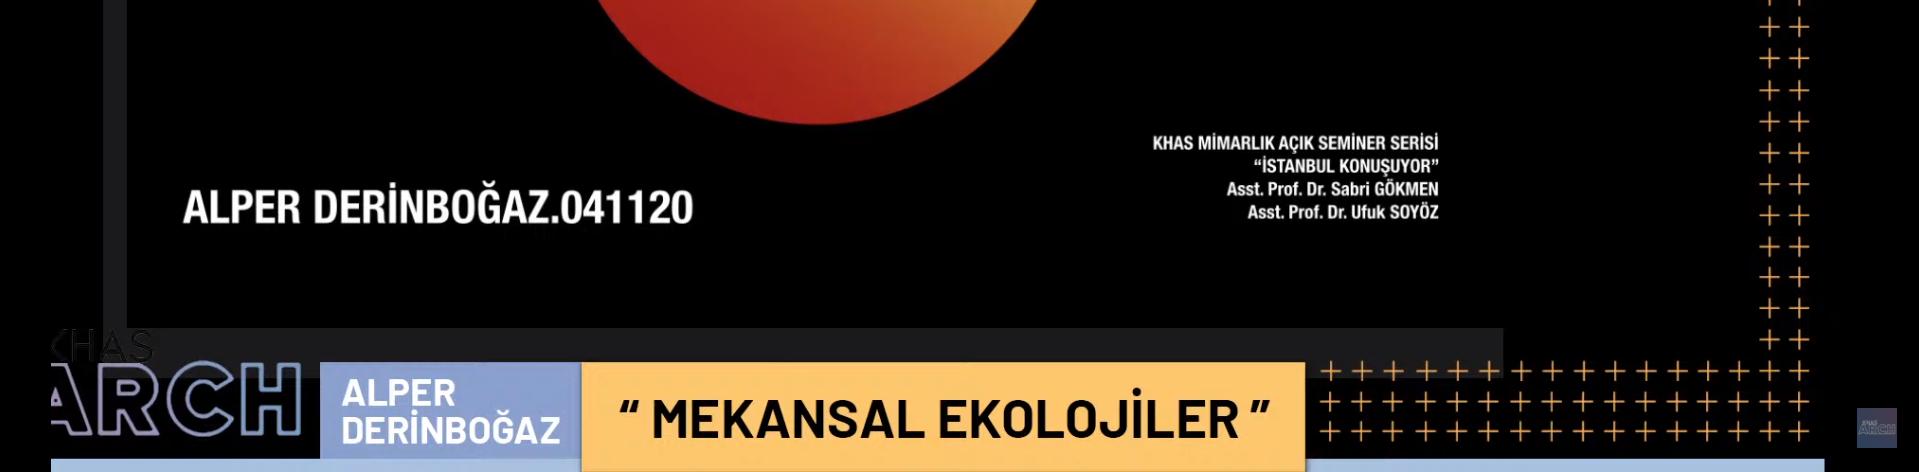 Alper Derinboğaz talked about Spatial Ecologies with İstanbul Konuşmaları